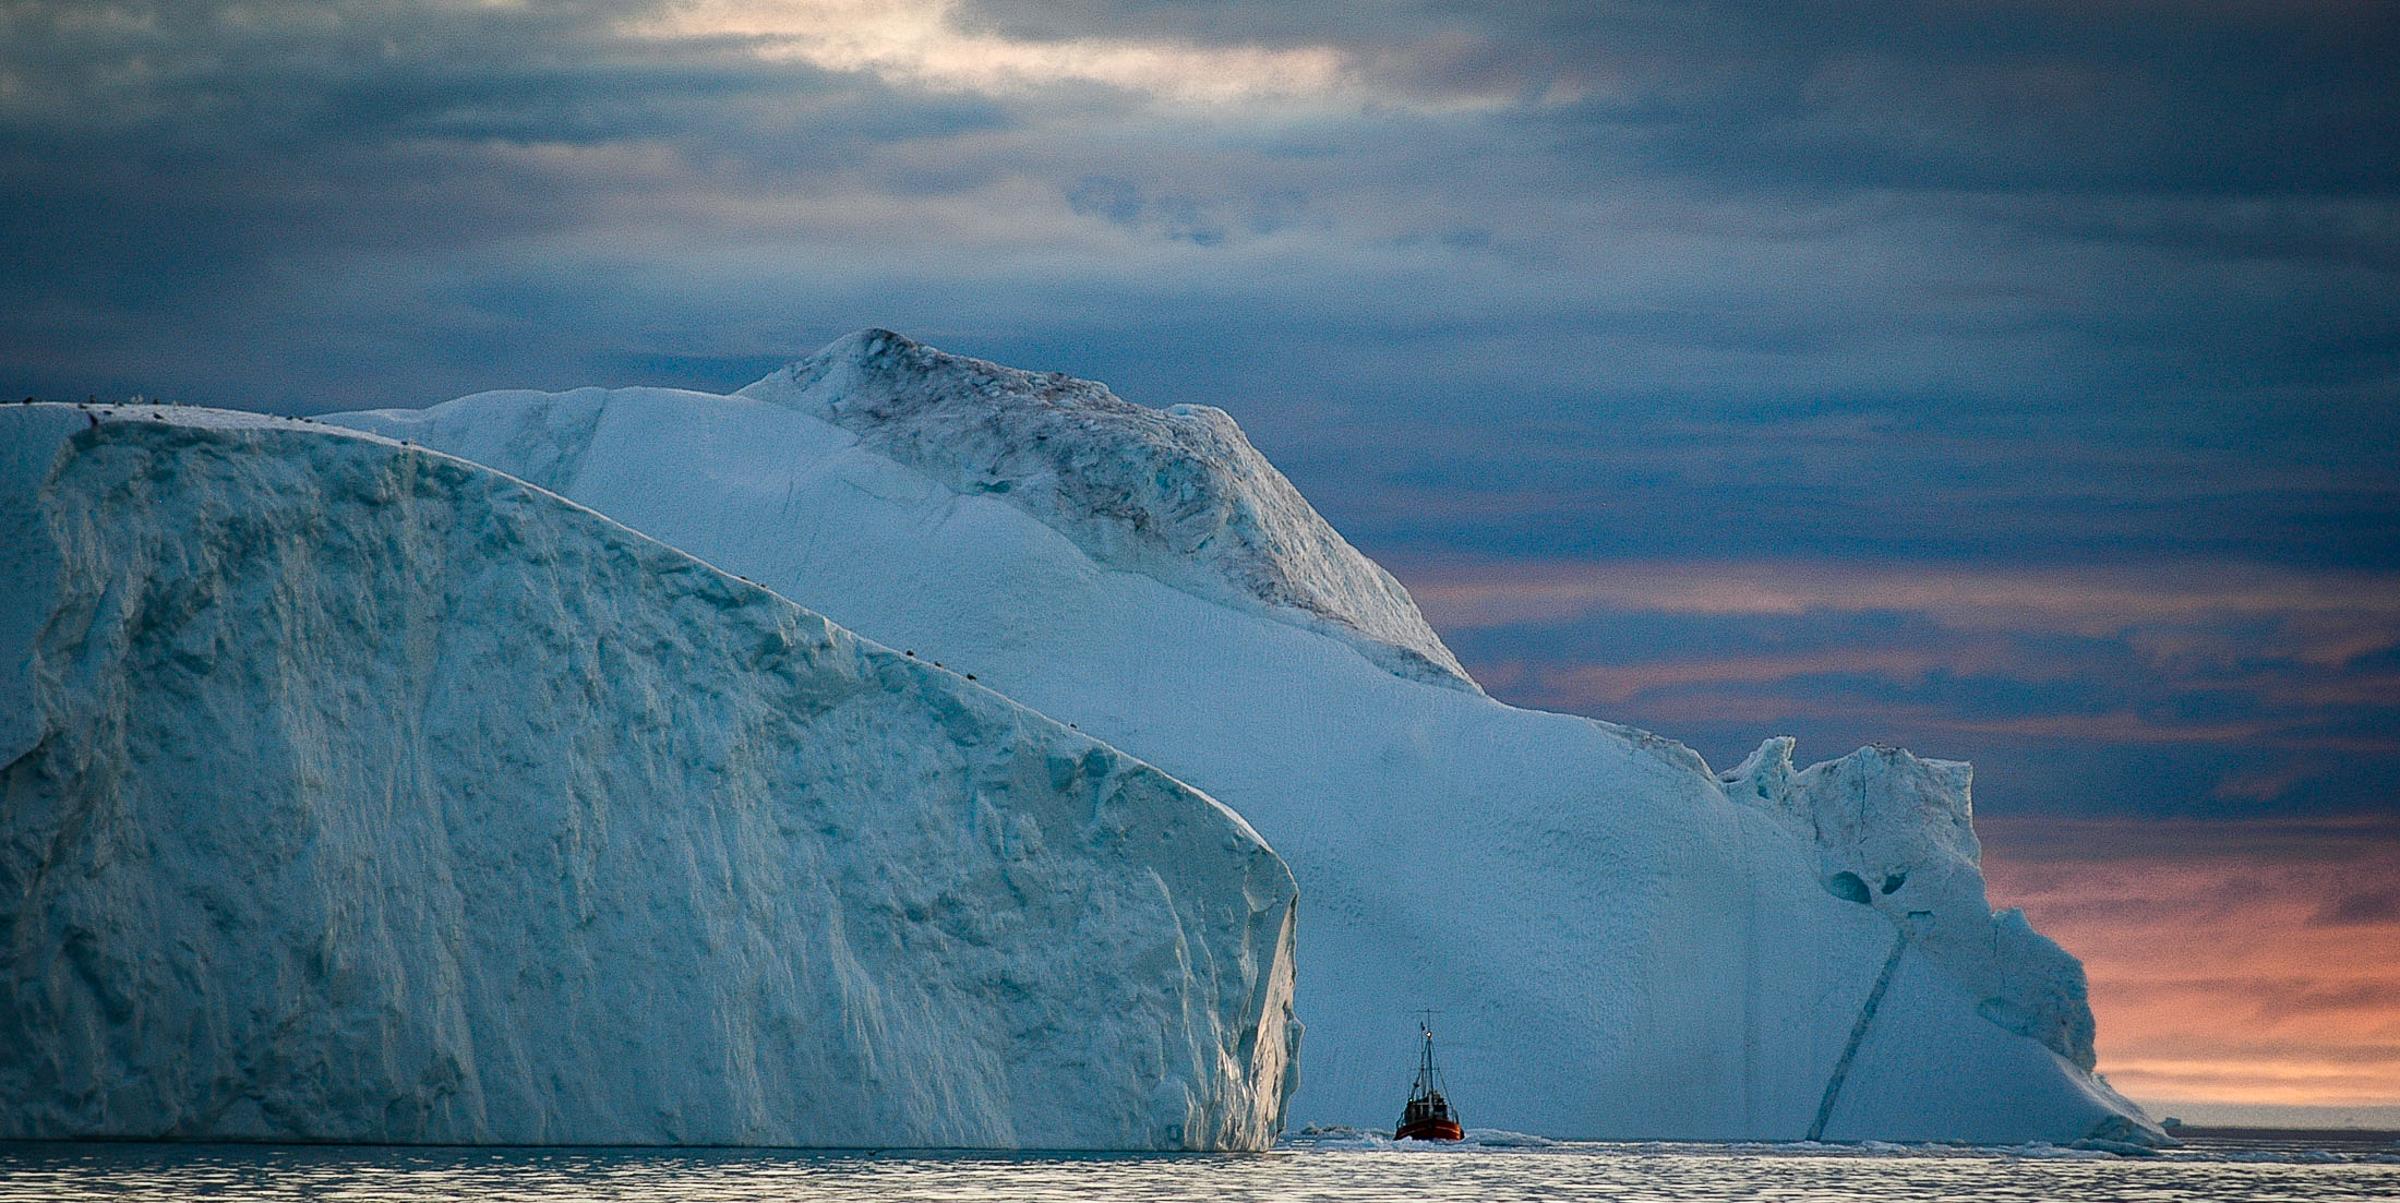 Sailing out of the iceberg cluster under the midnight sun.  JONAA©Kristjan Fridriksson